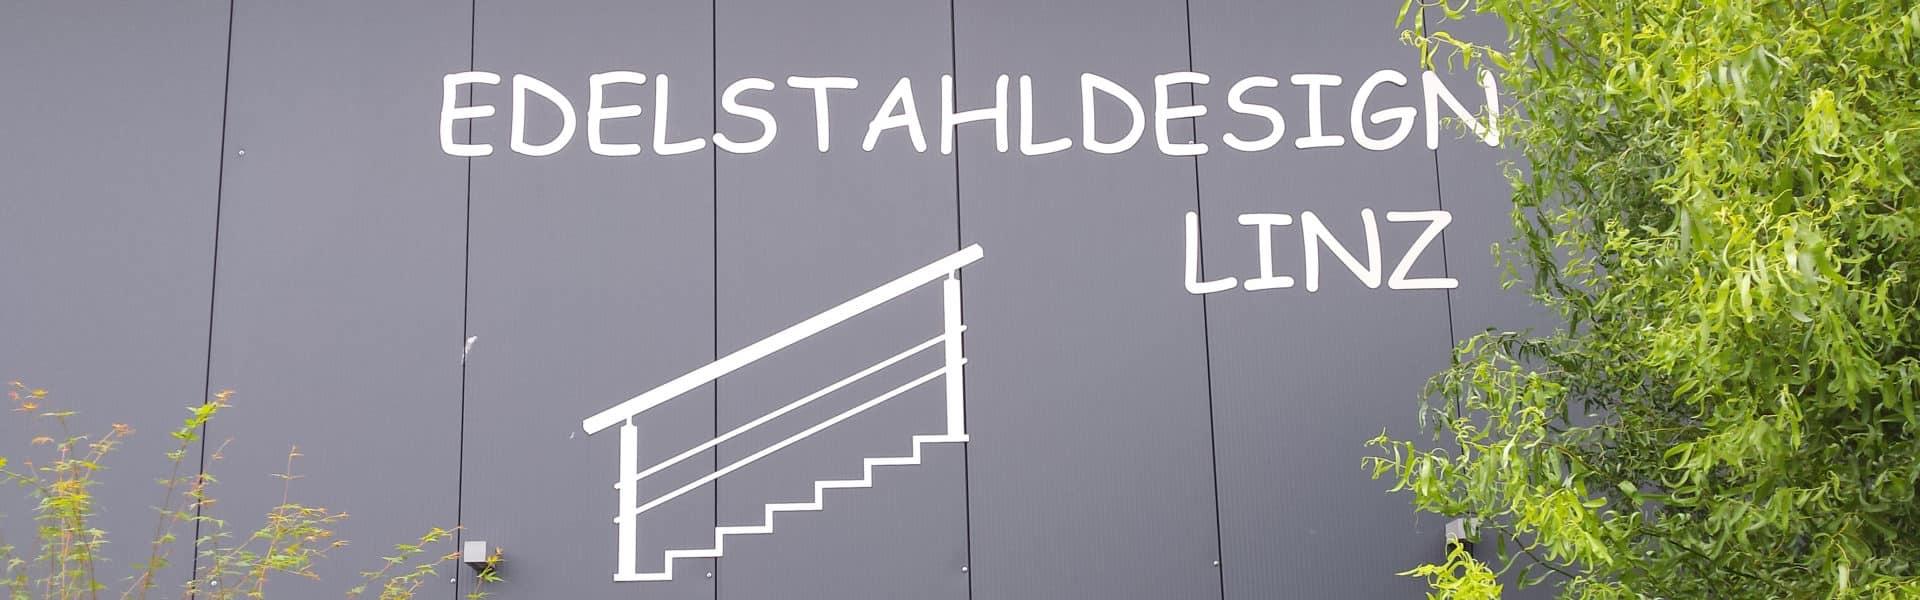 Geländer Konfigurator für Geländer, Balkongeländer und Edelstahlgeländer zum selber bauen